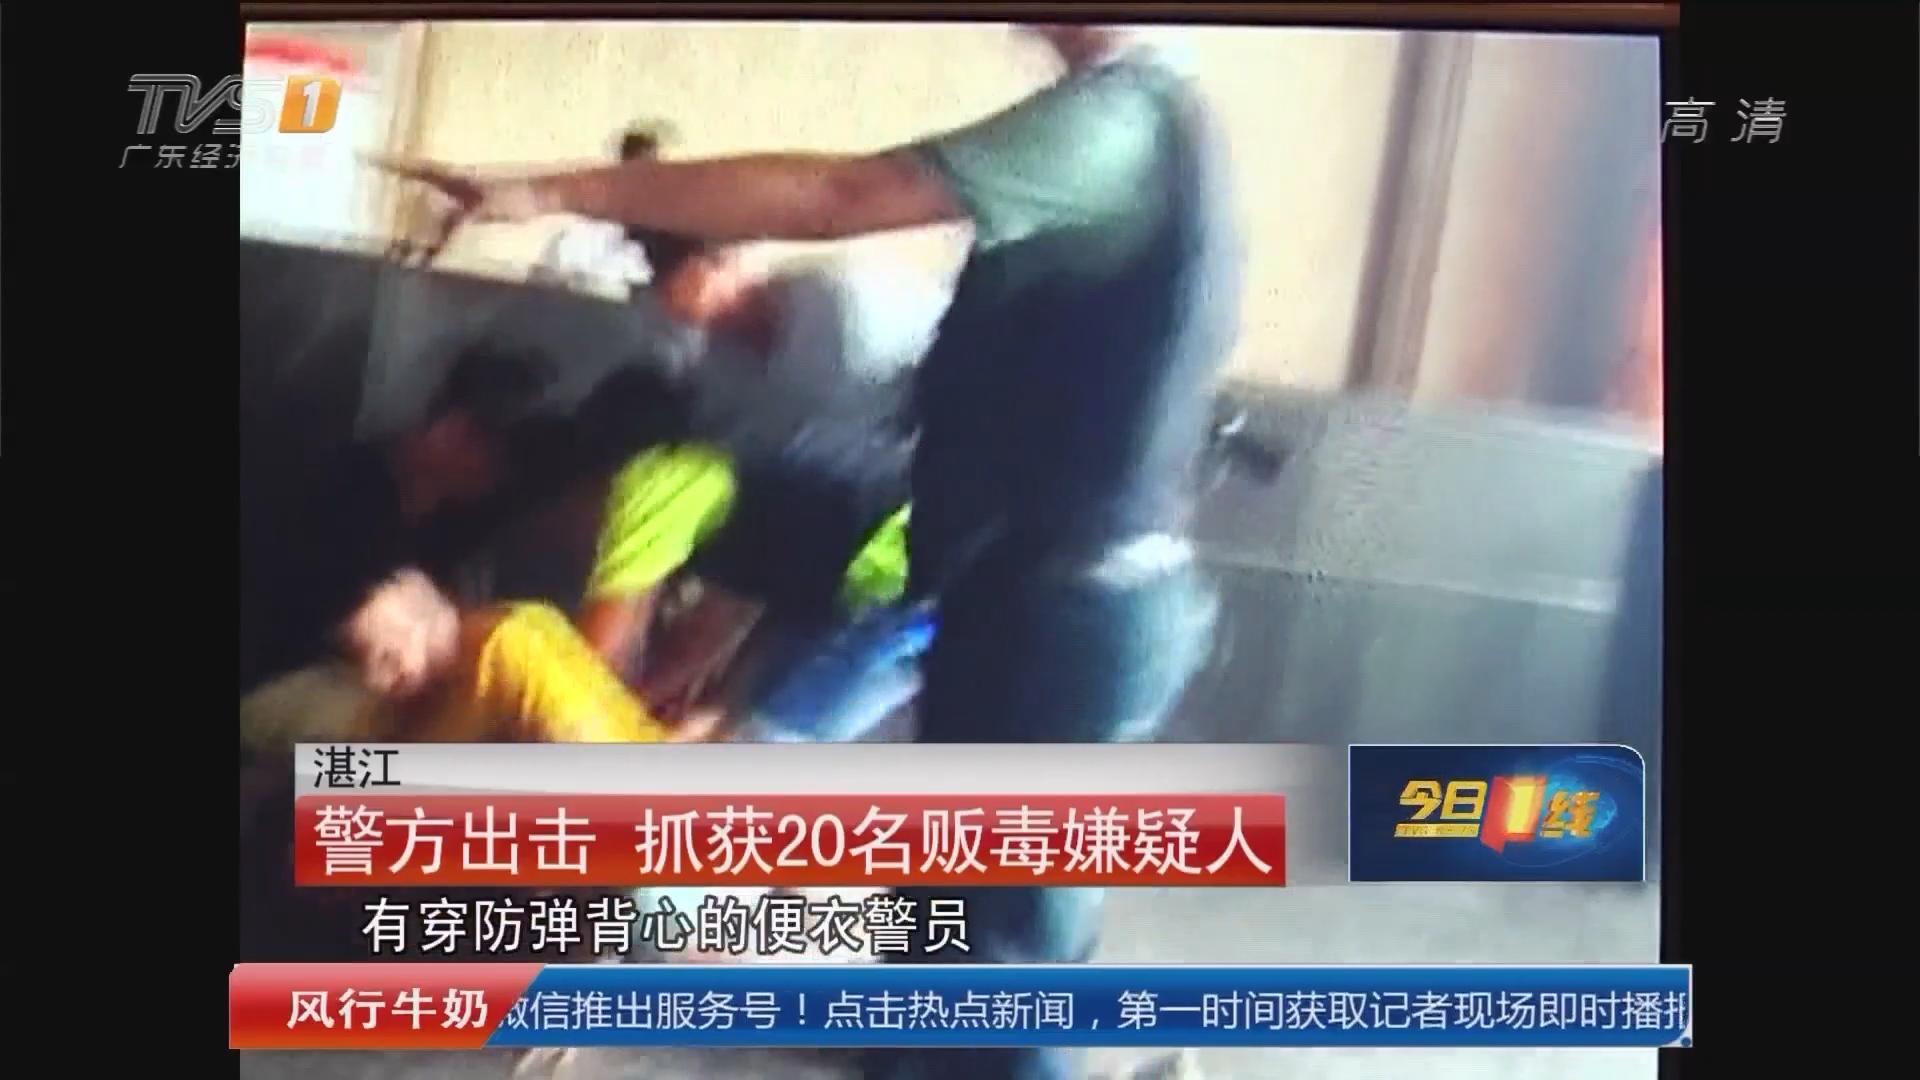 湛江:警方出击 抓获20名贩毒嫌疑人